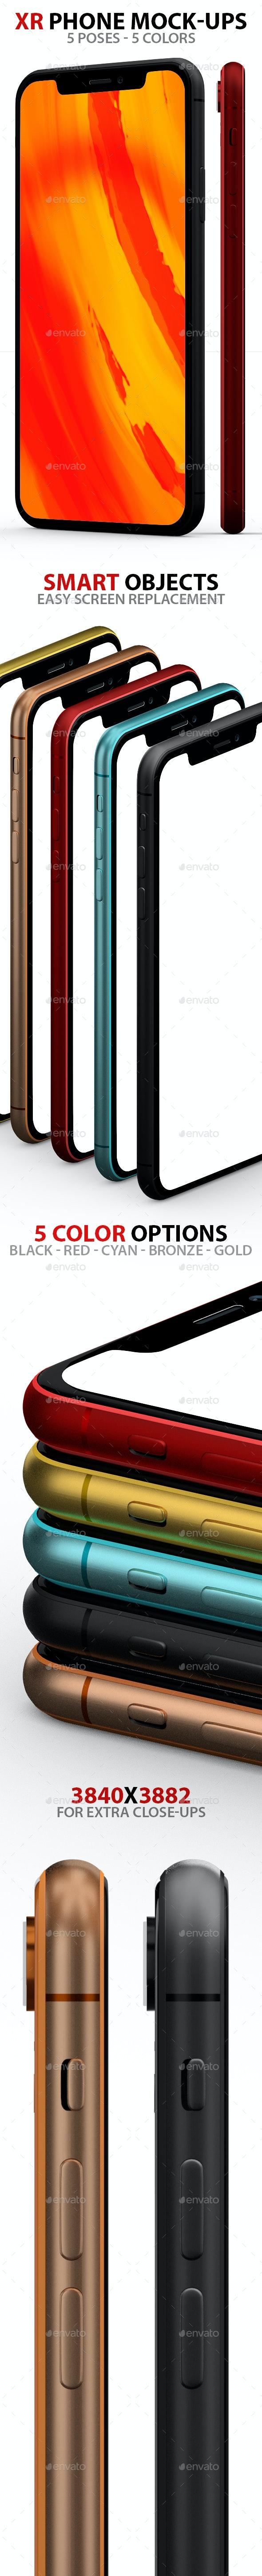 XR 5 PSD Mock-ups - Mobile Displays